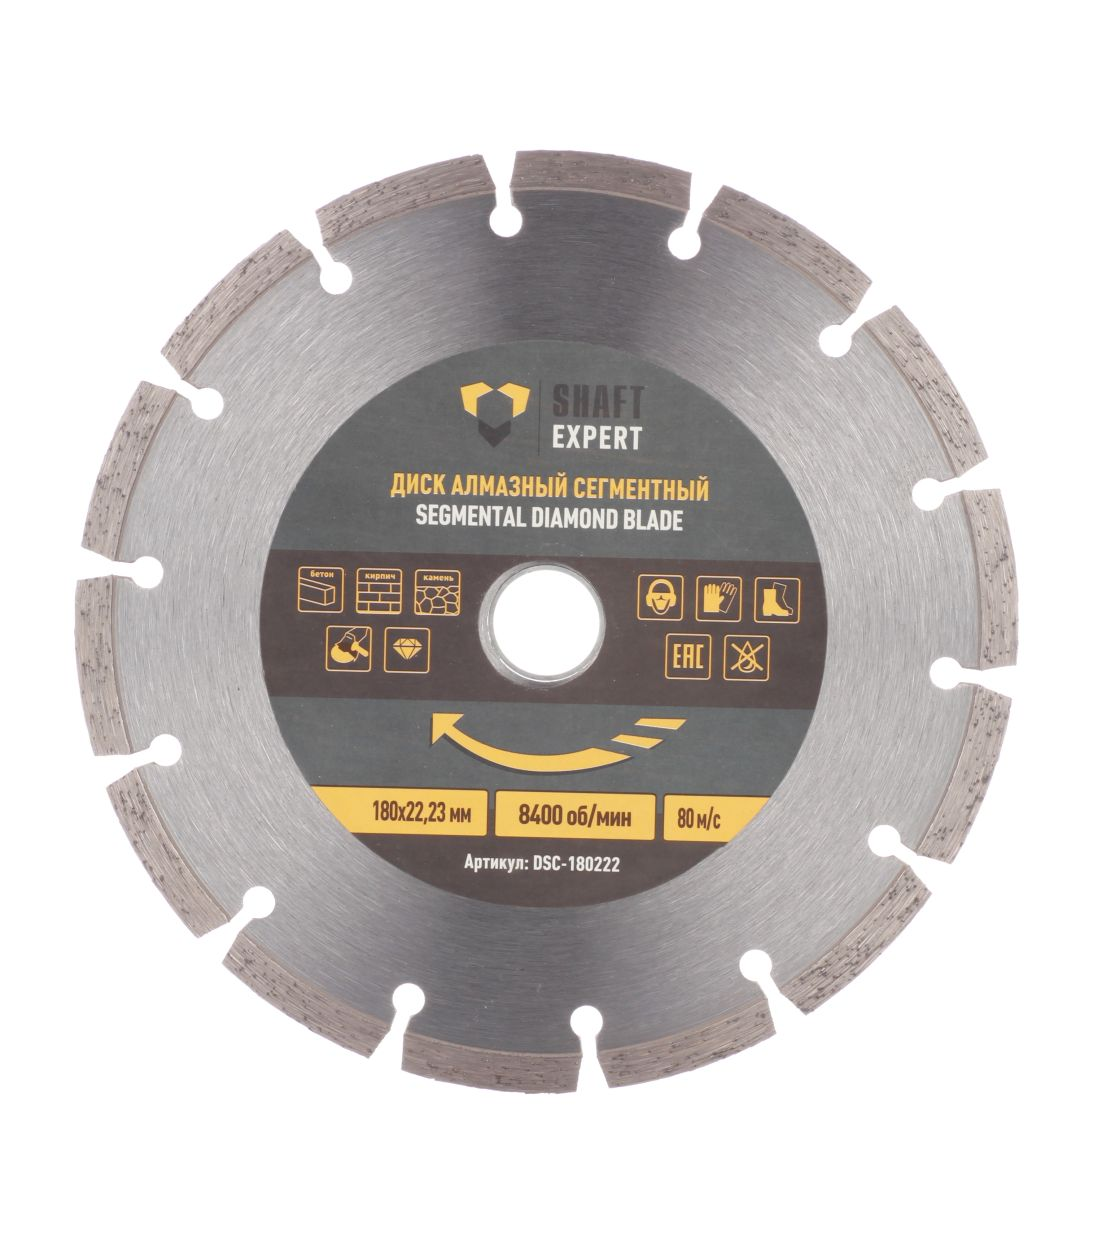 Диск алмазный сегментный по бетону 180х22,2 мм Shaft